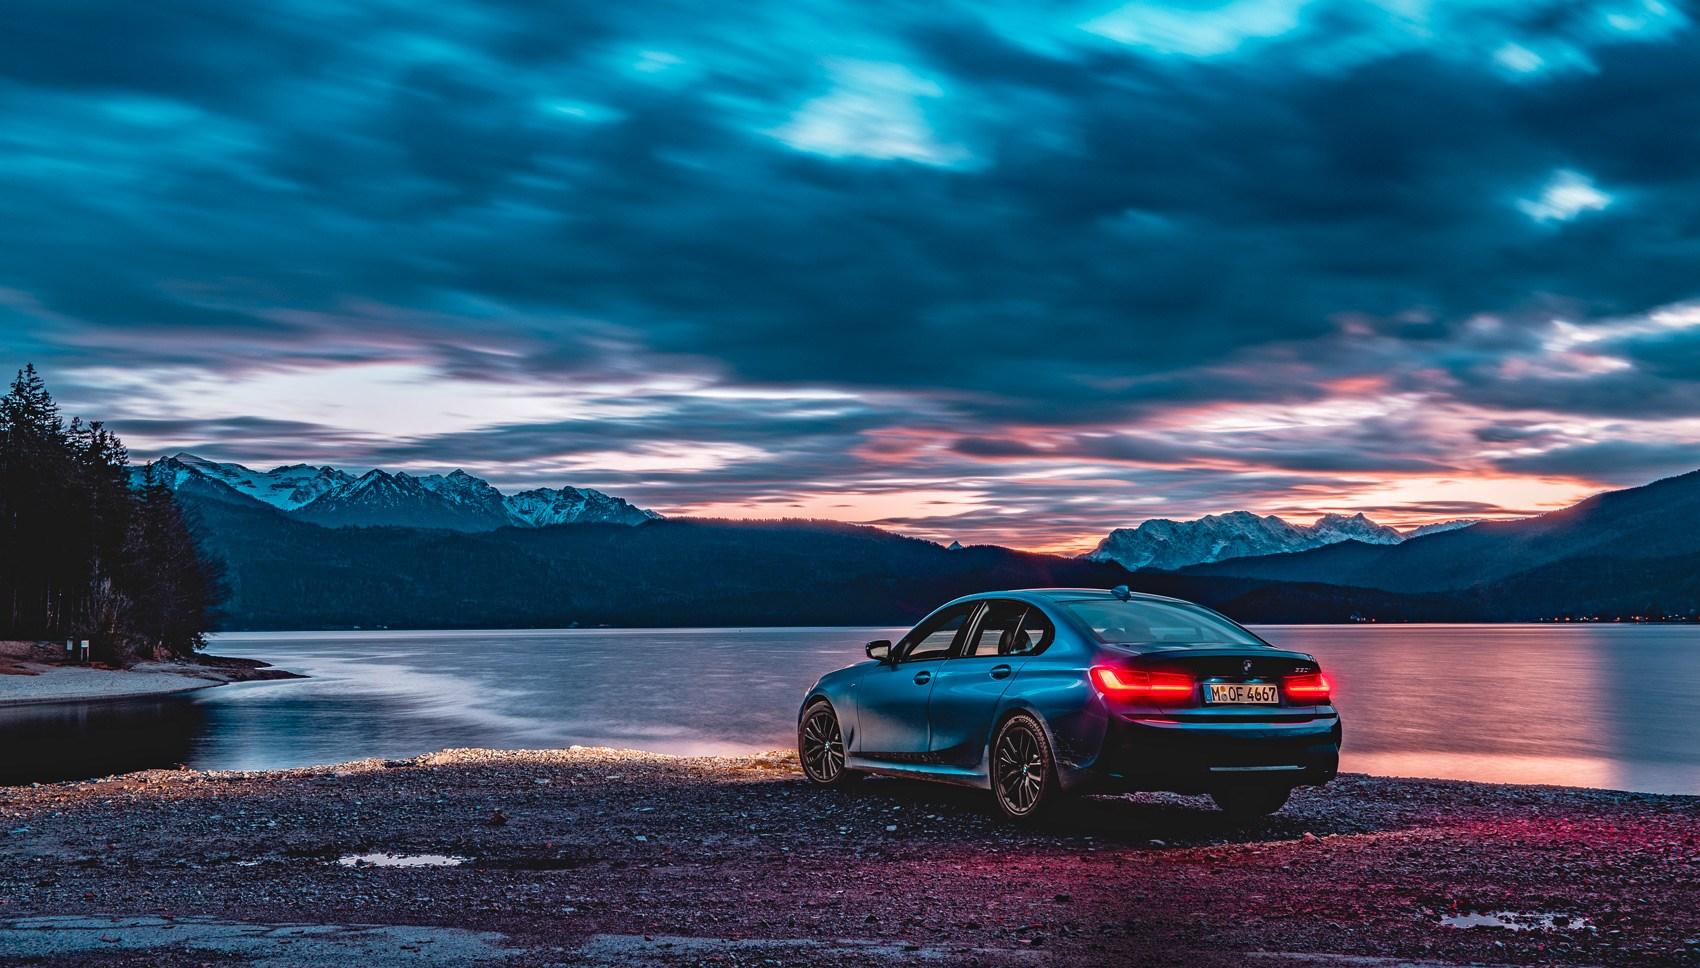 BMW 330i rear quarter